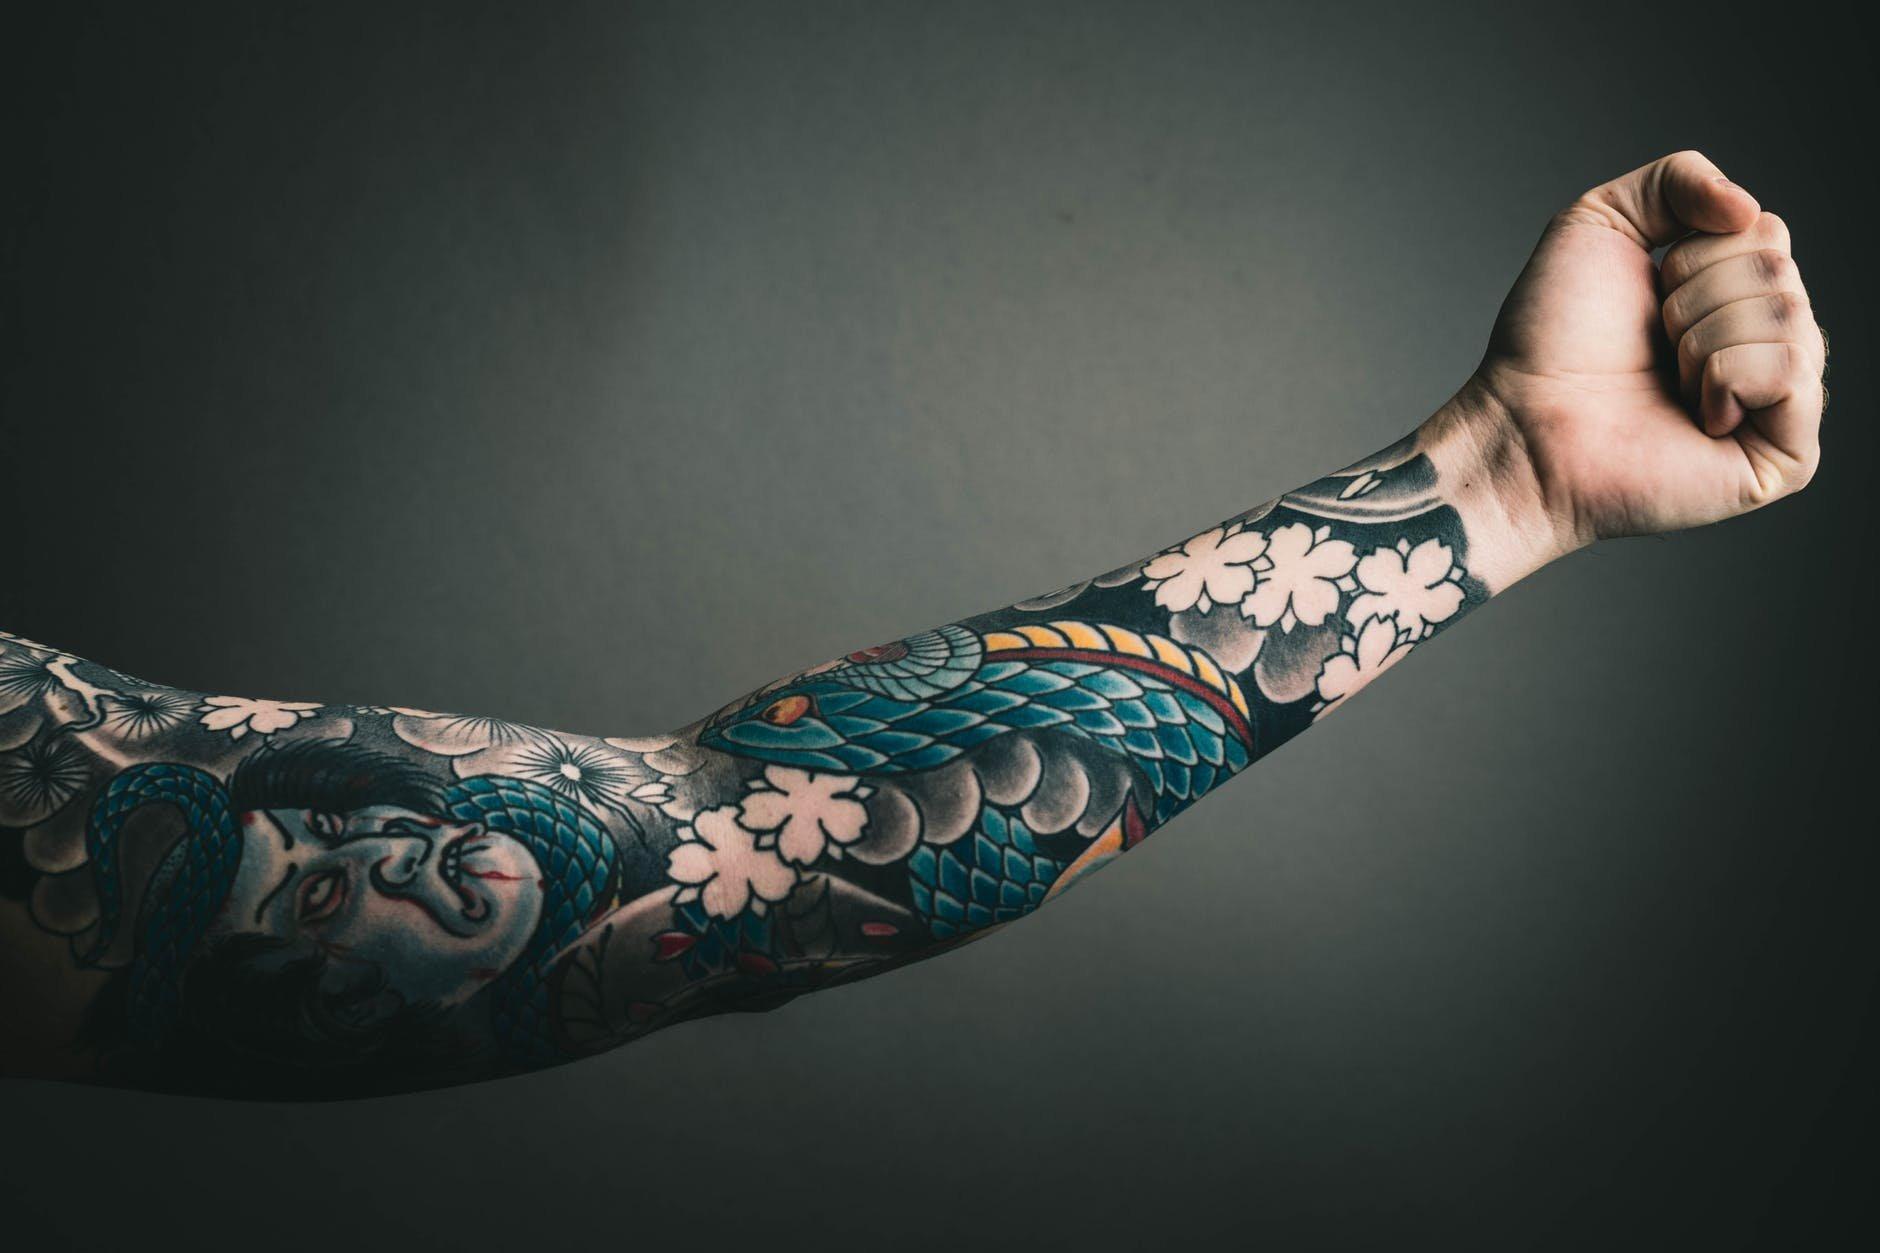 Cantor Todo Tatuado Brasileiro ideias para tatuar - ideias para tatuagens - arte e cultura